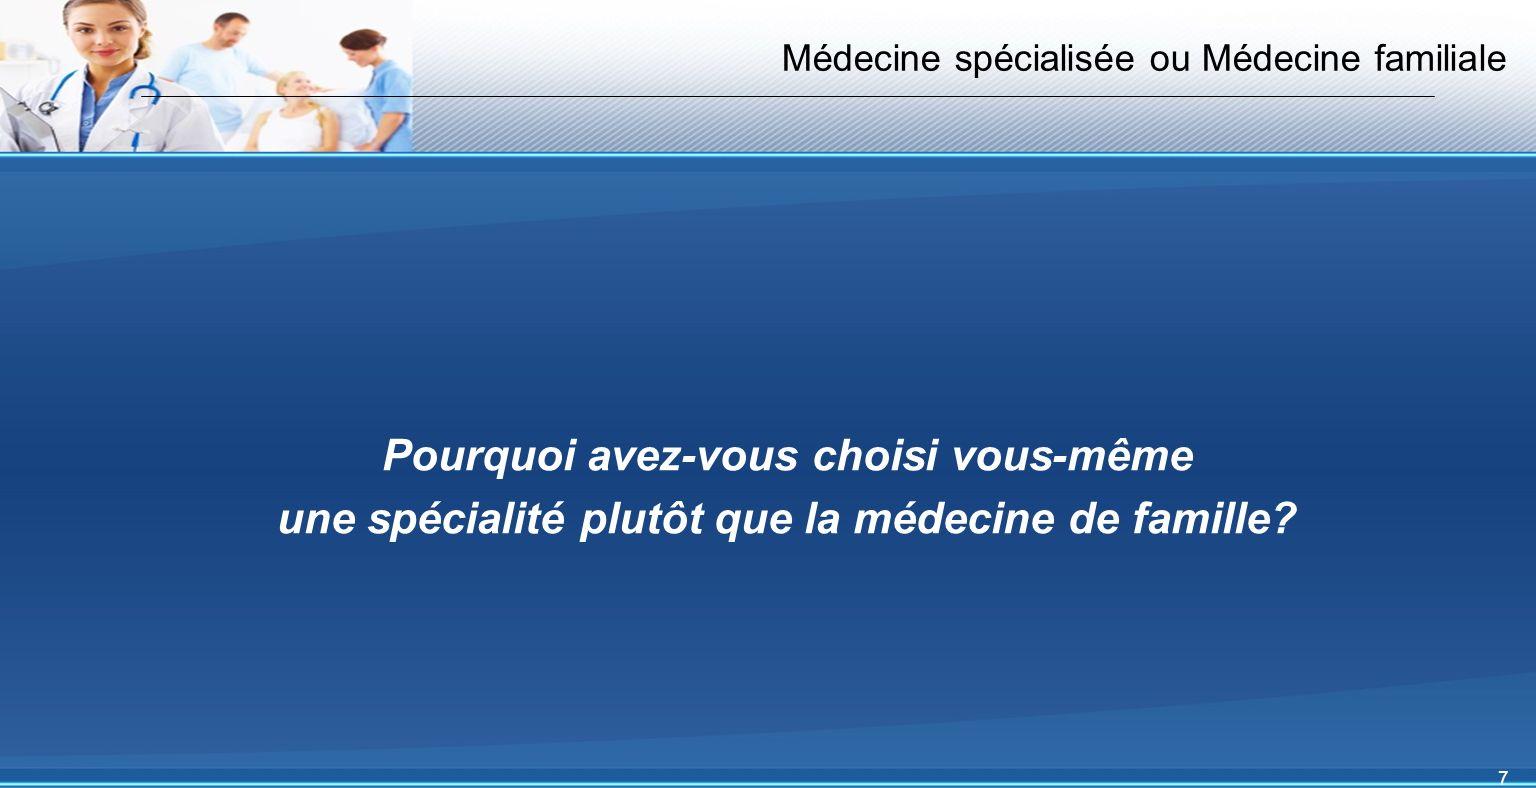 7 Médecine spécialisée ou Médecine familiale Pourquoi avez-vous choisi vous-même une spécialité plutôt que la médecine de famille